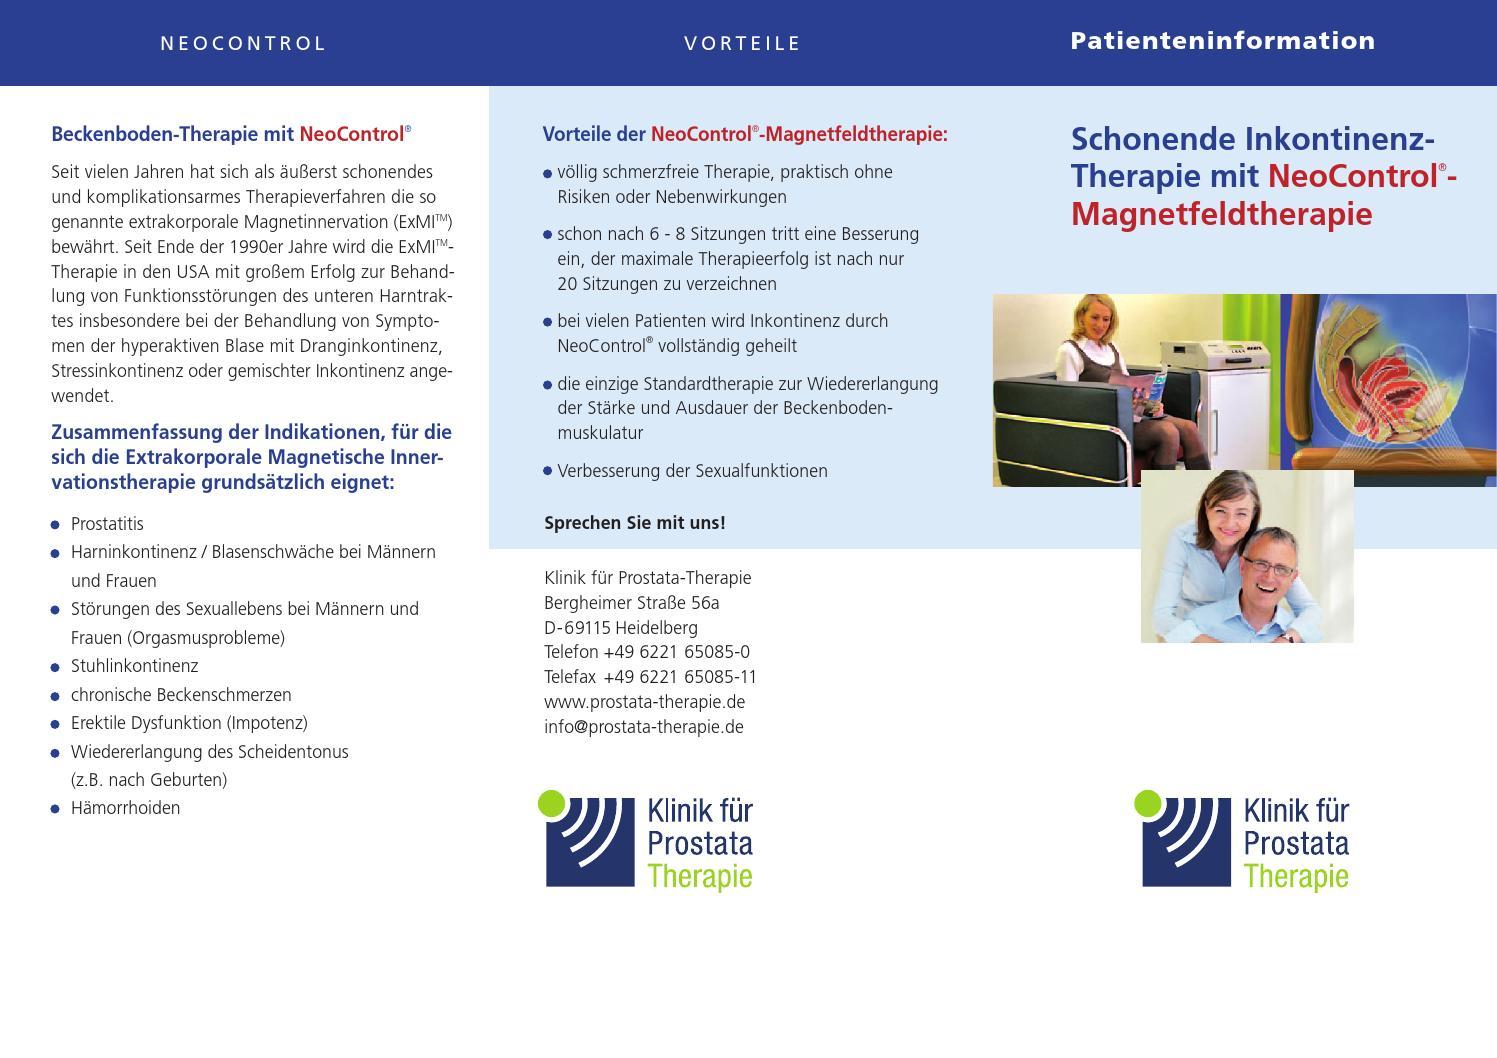 klinik für prostata therapie heidelberg